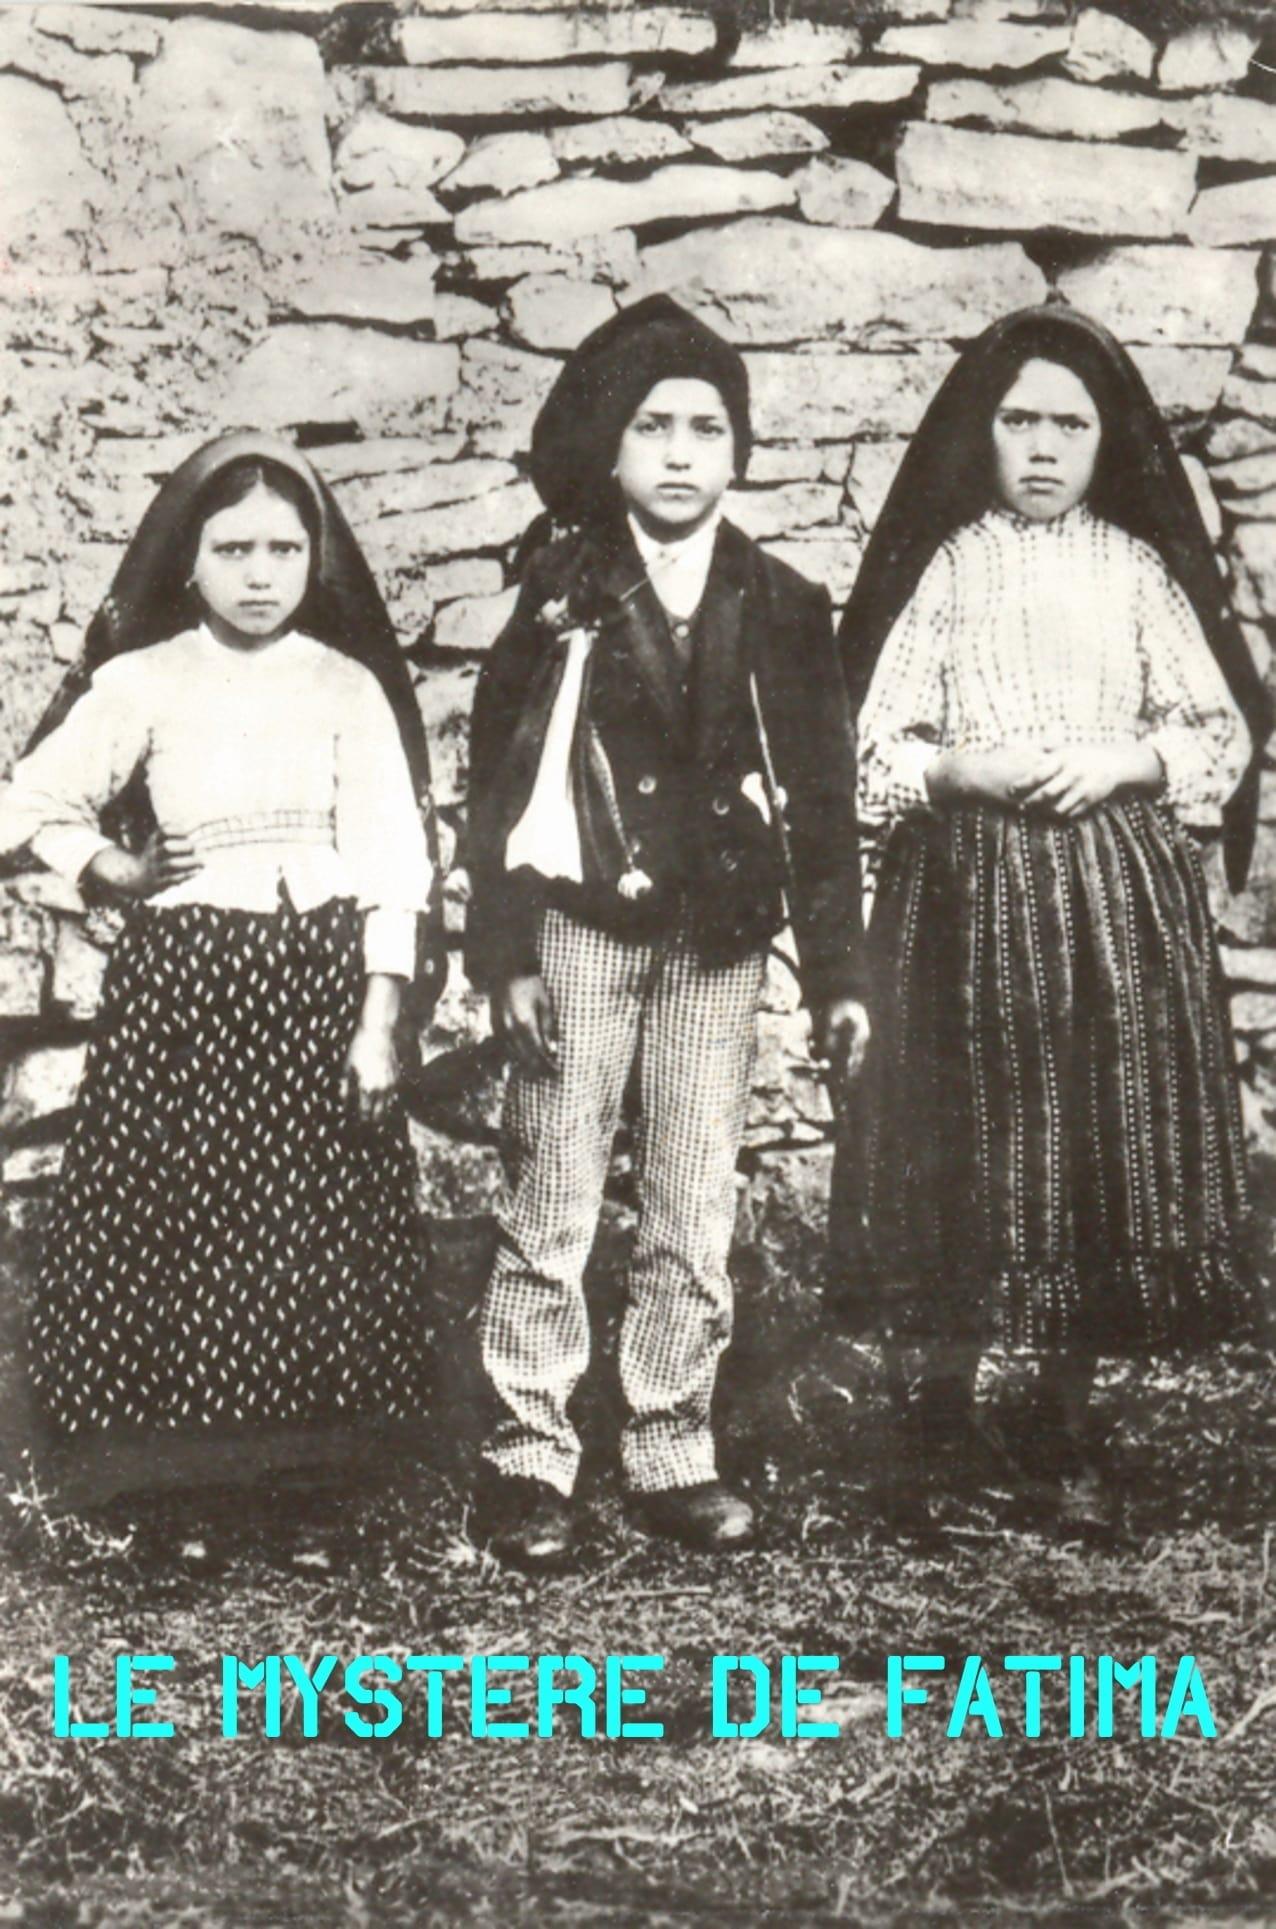 Le mystère de Fatima